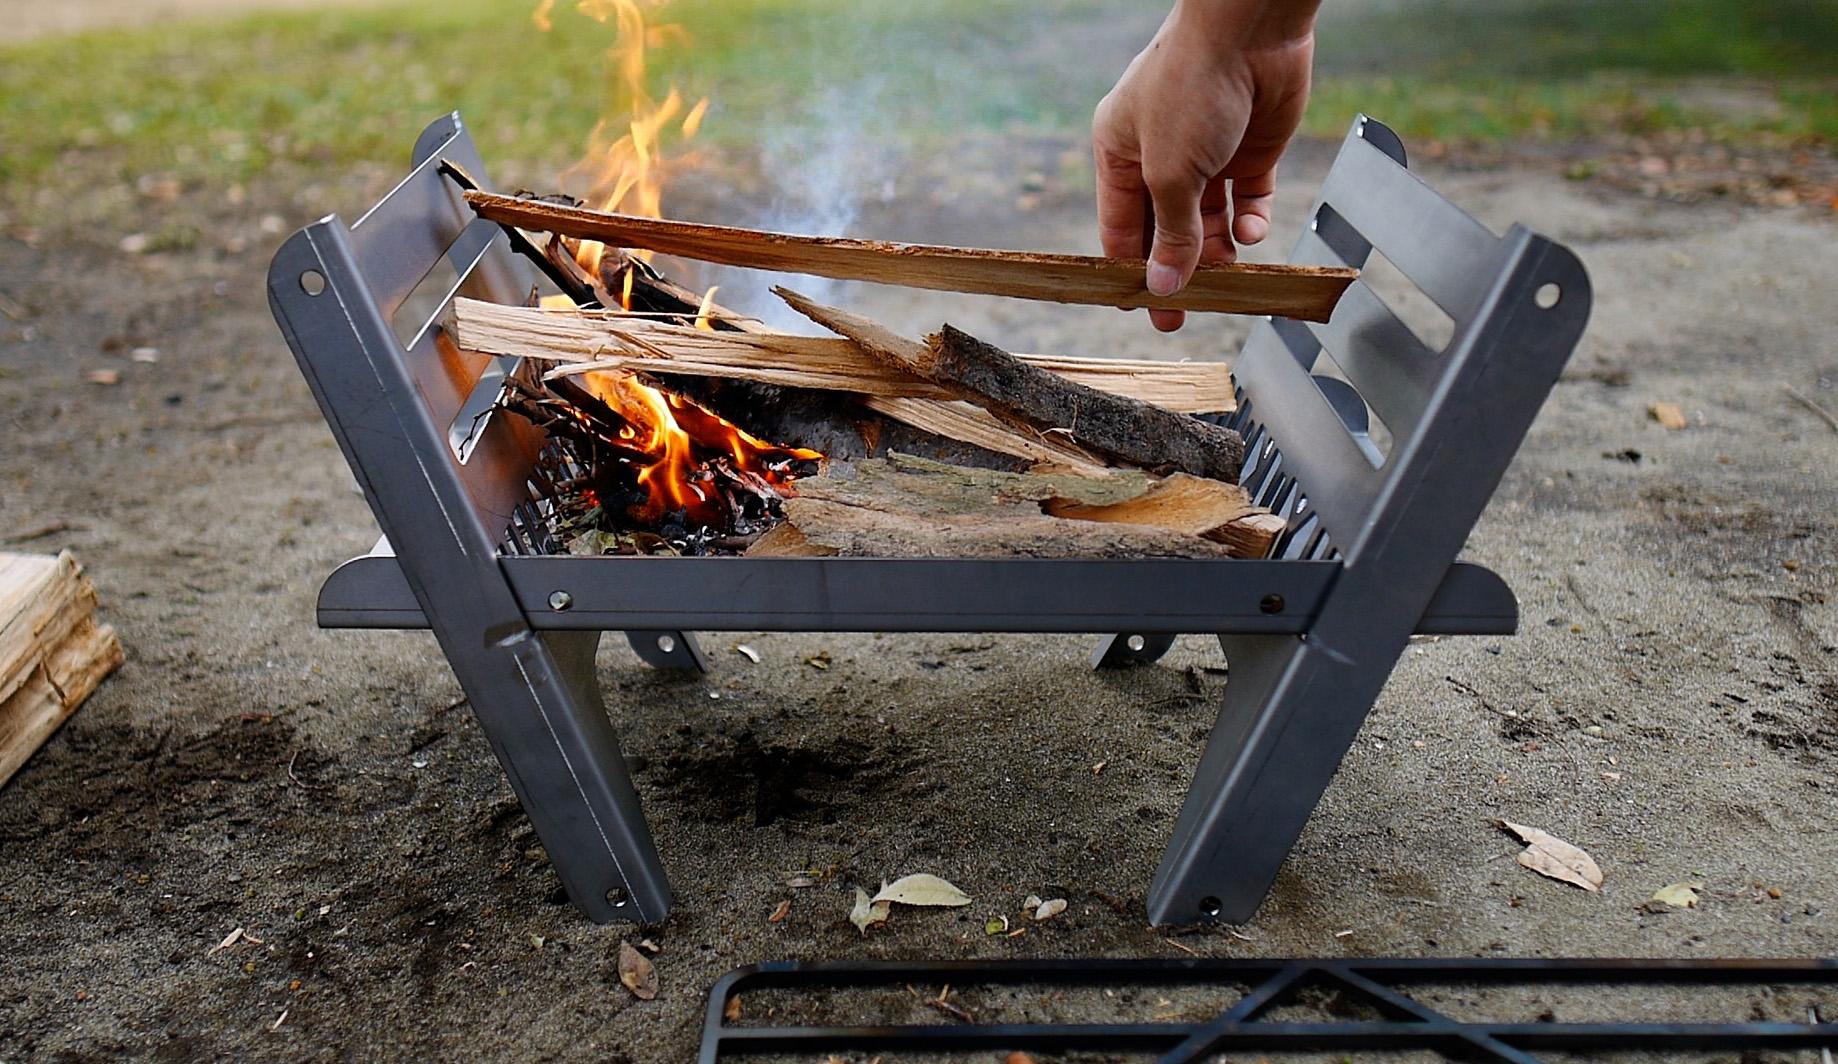 焚き火台 COOKING FIRE PITの焚付け